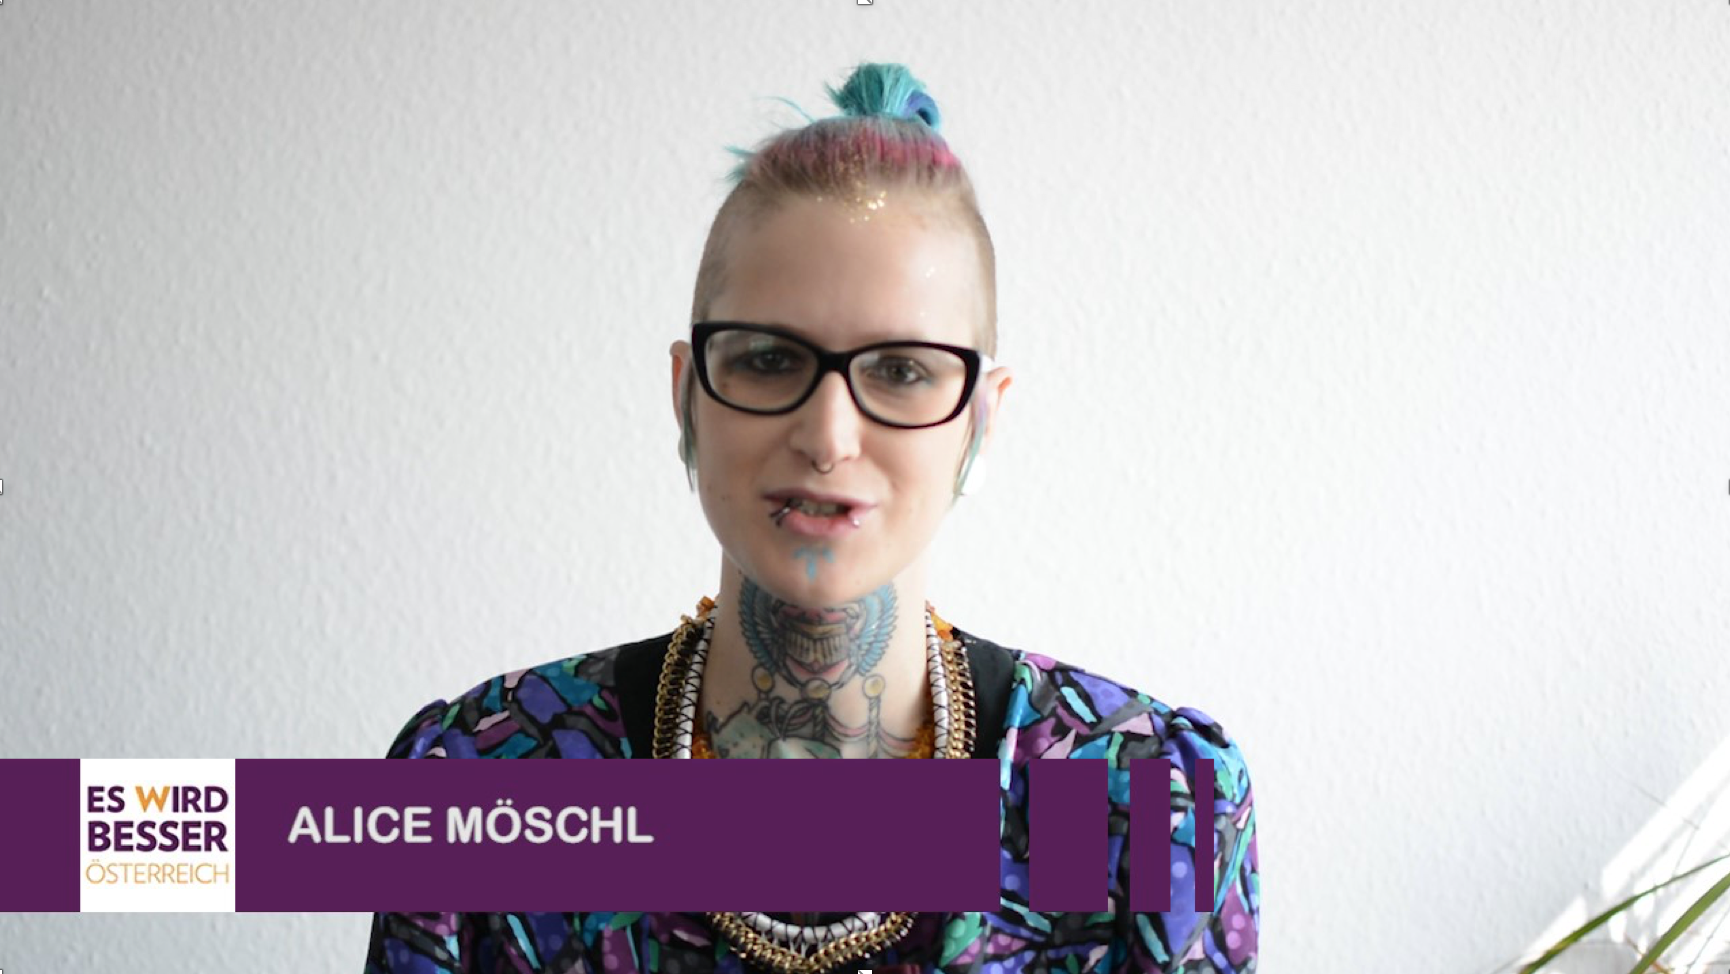 Es wird besser, it gets besser Kampagne, LGBTQI Österreich